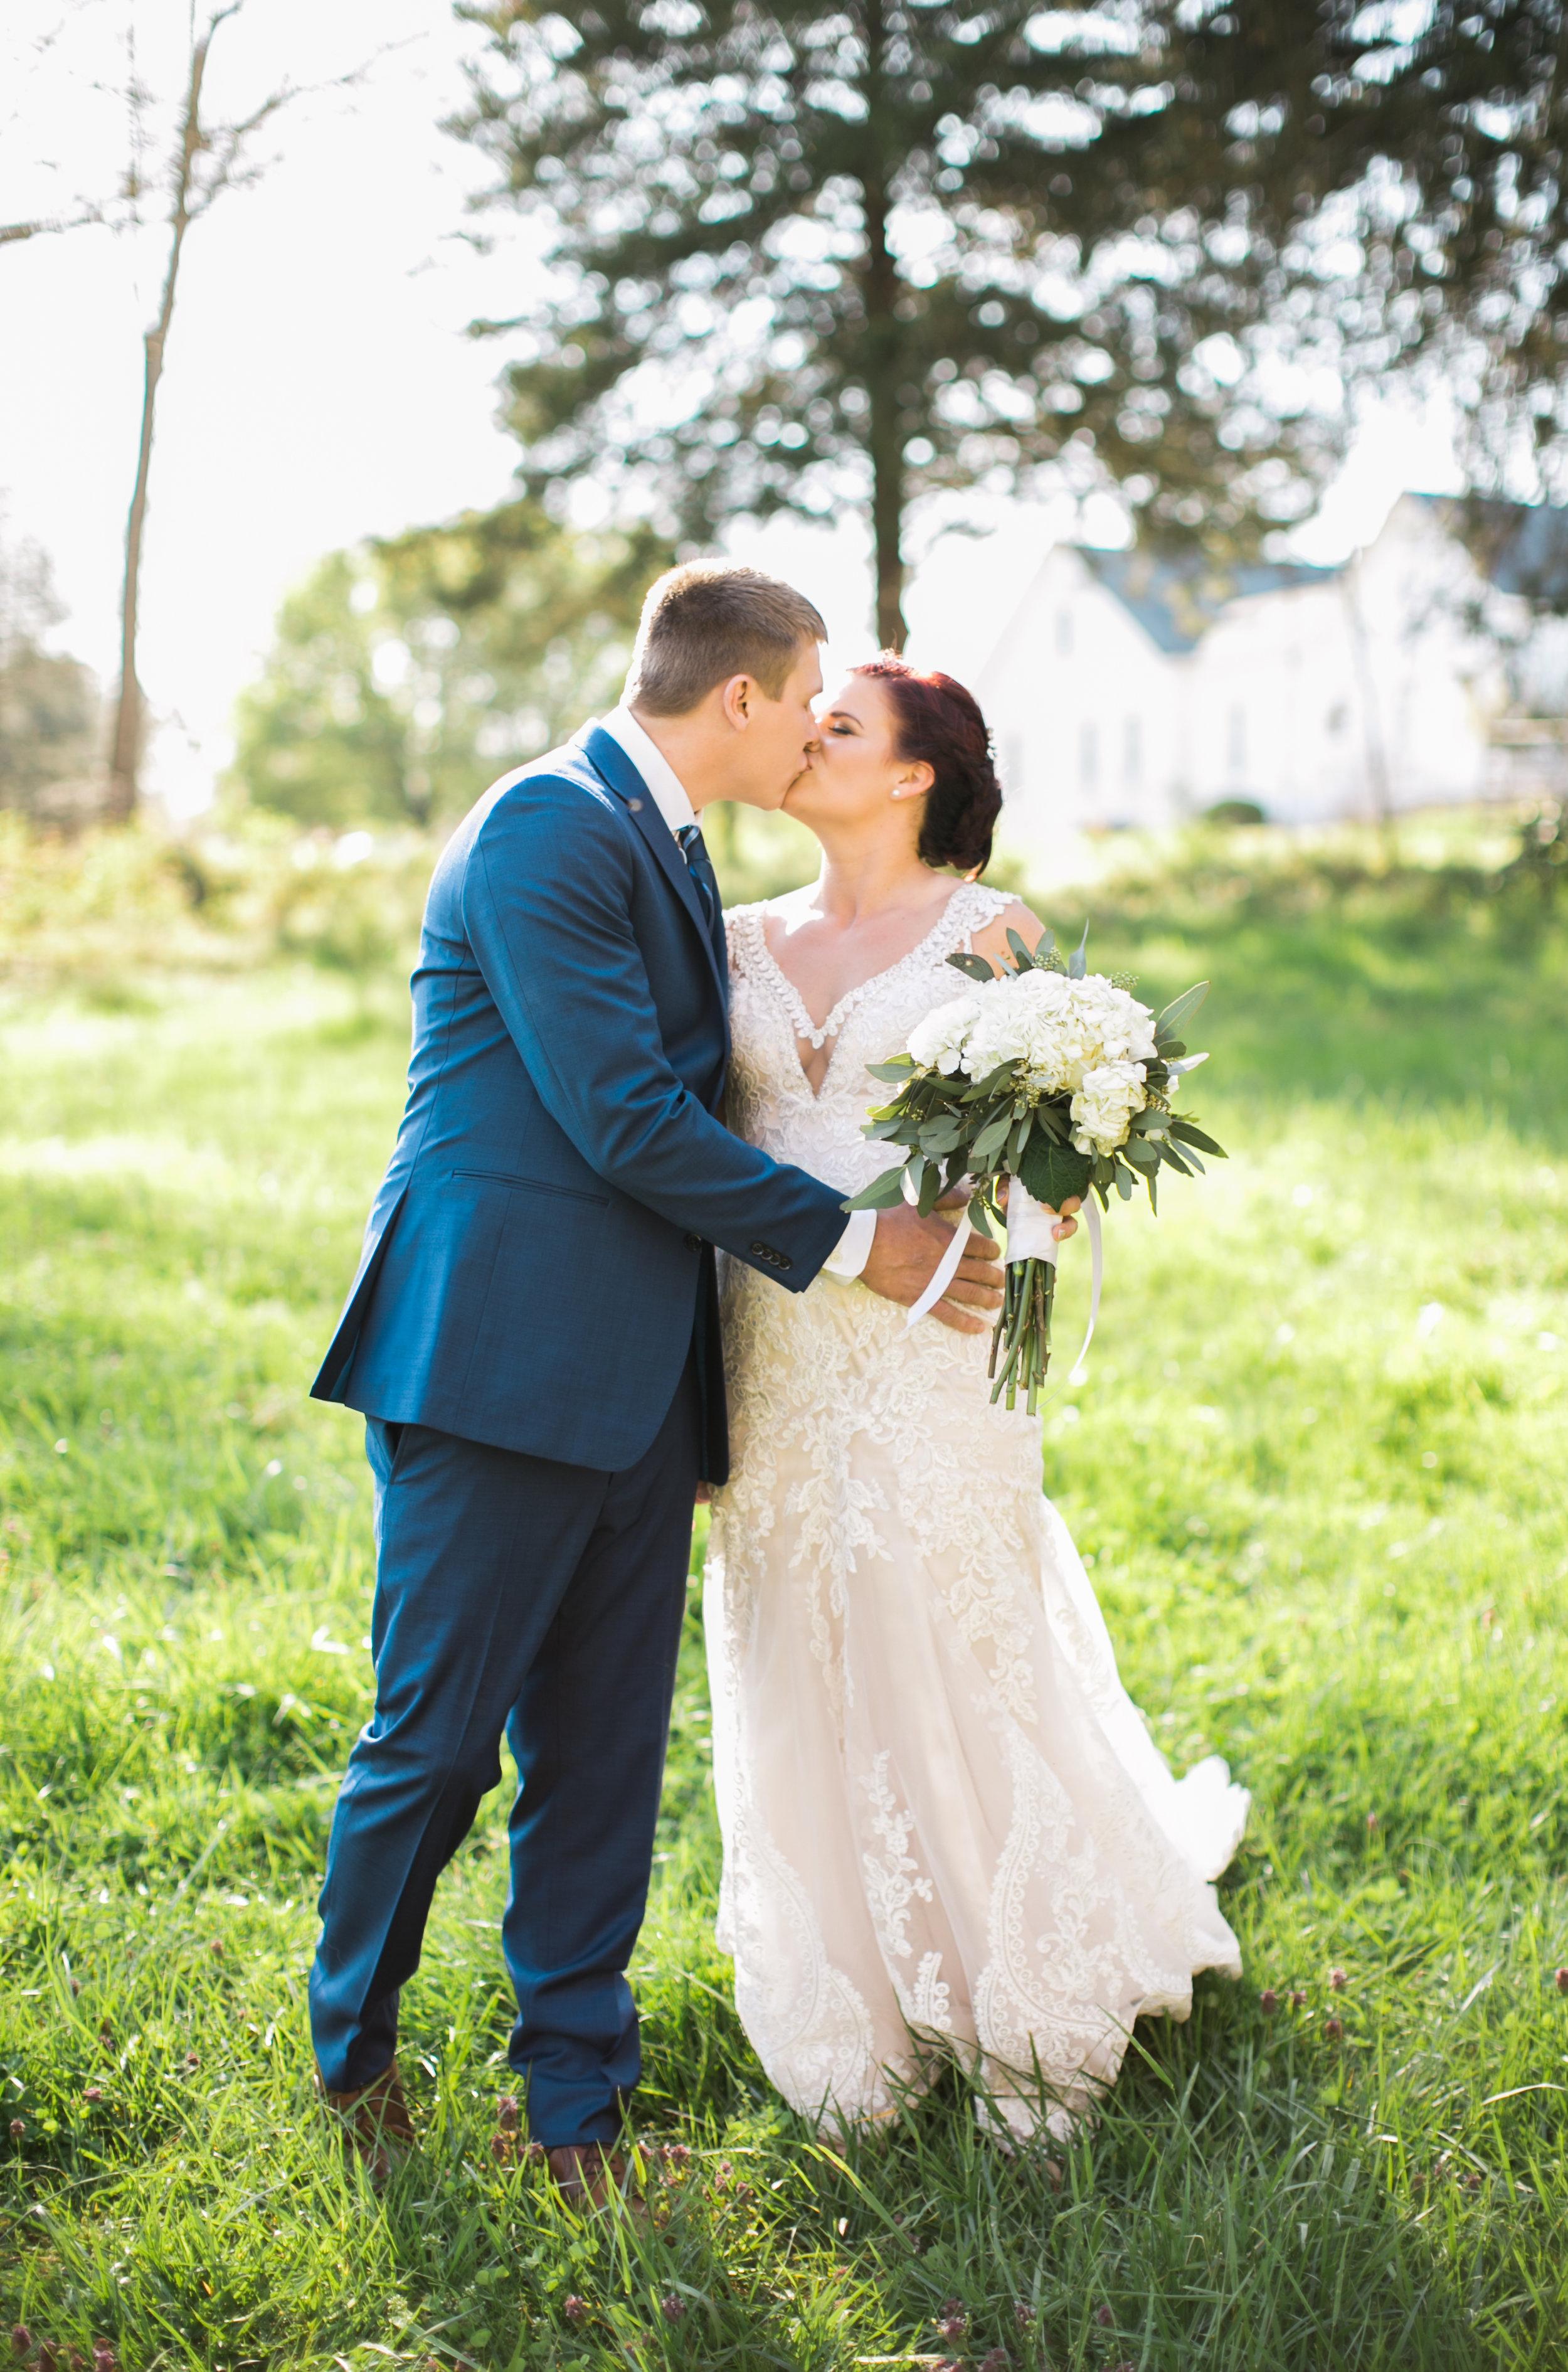 Watkinsville wedding venues